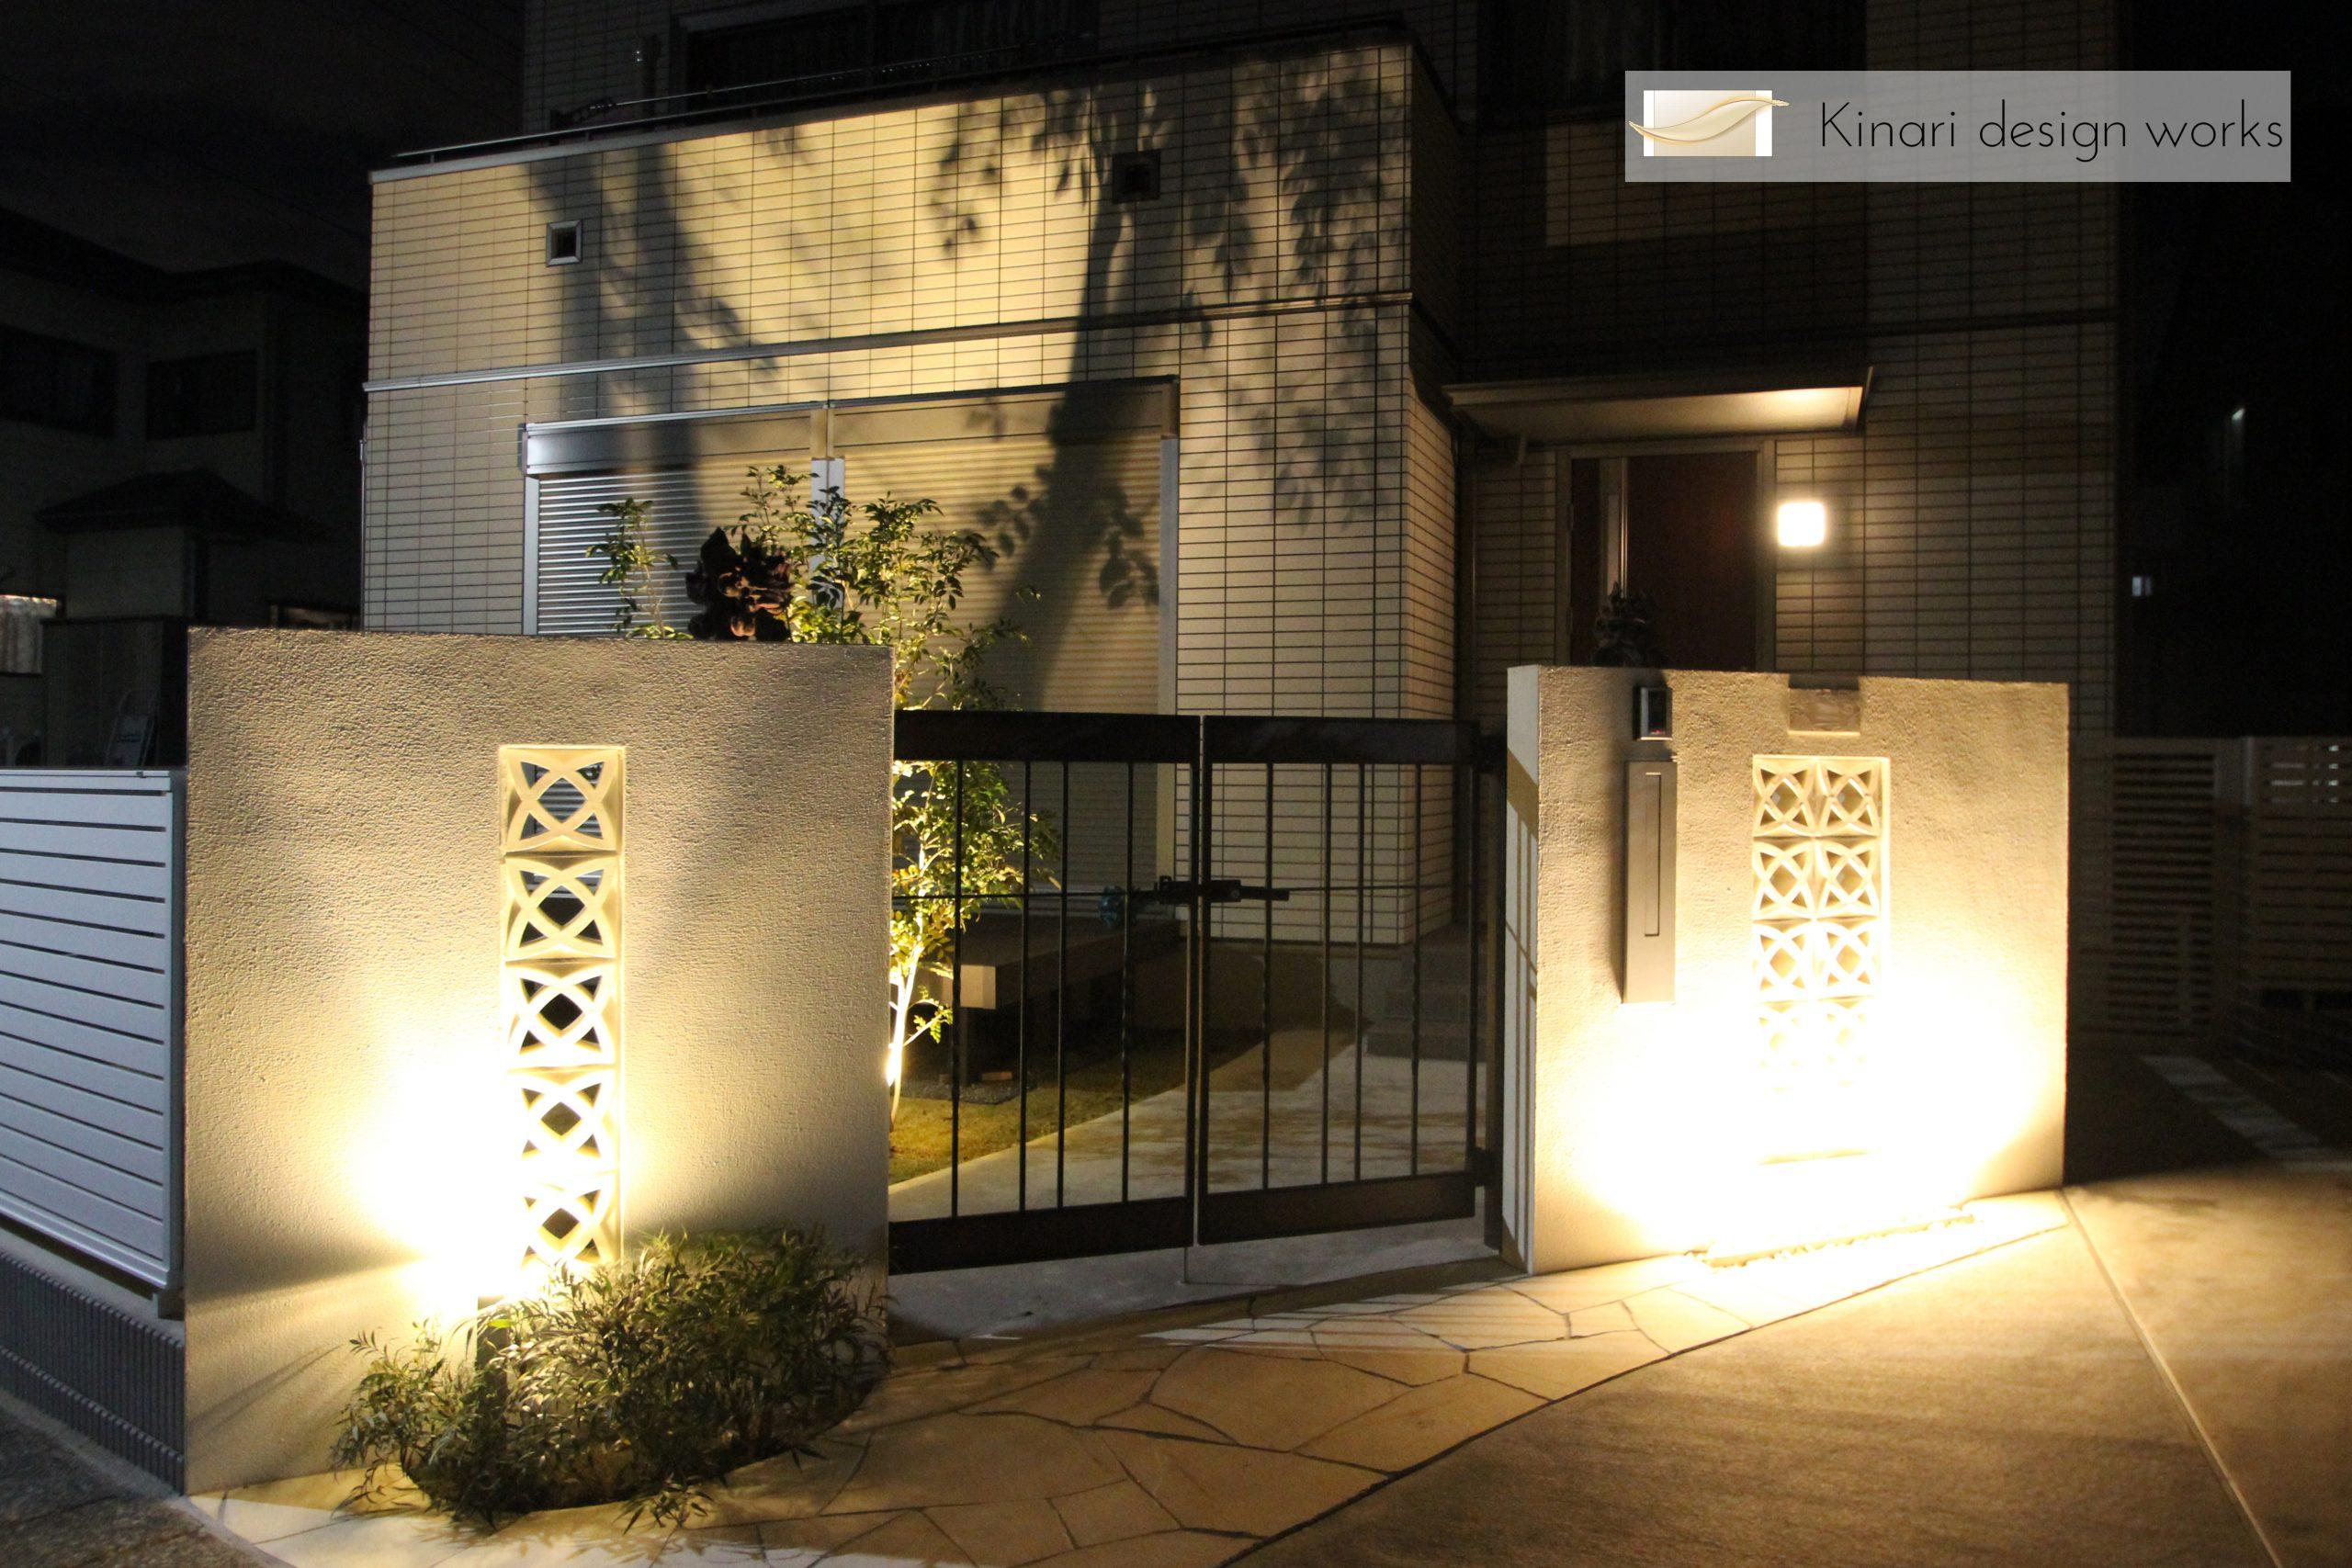 千葉市。<br>オリエンタルなリゾートテイスト。<br>自然石でデザインした門廻り。1